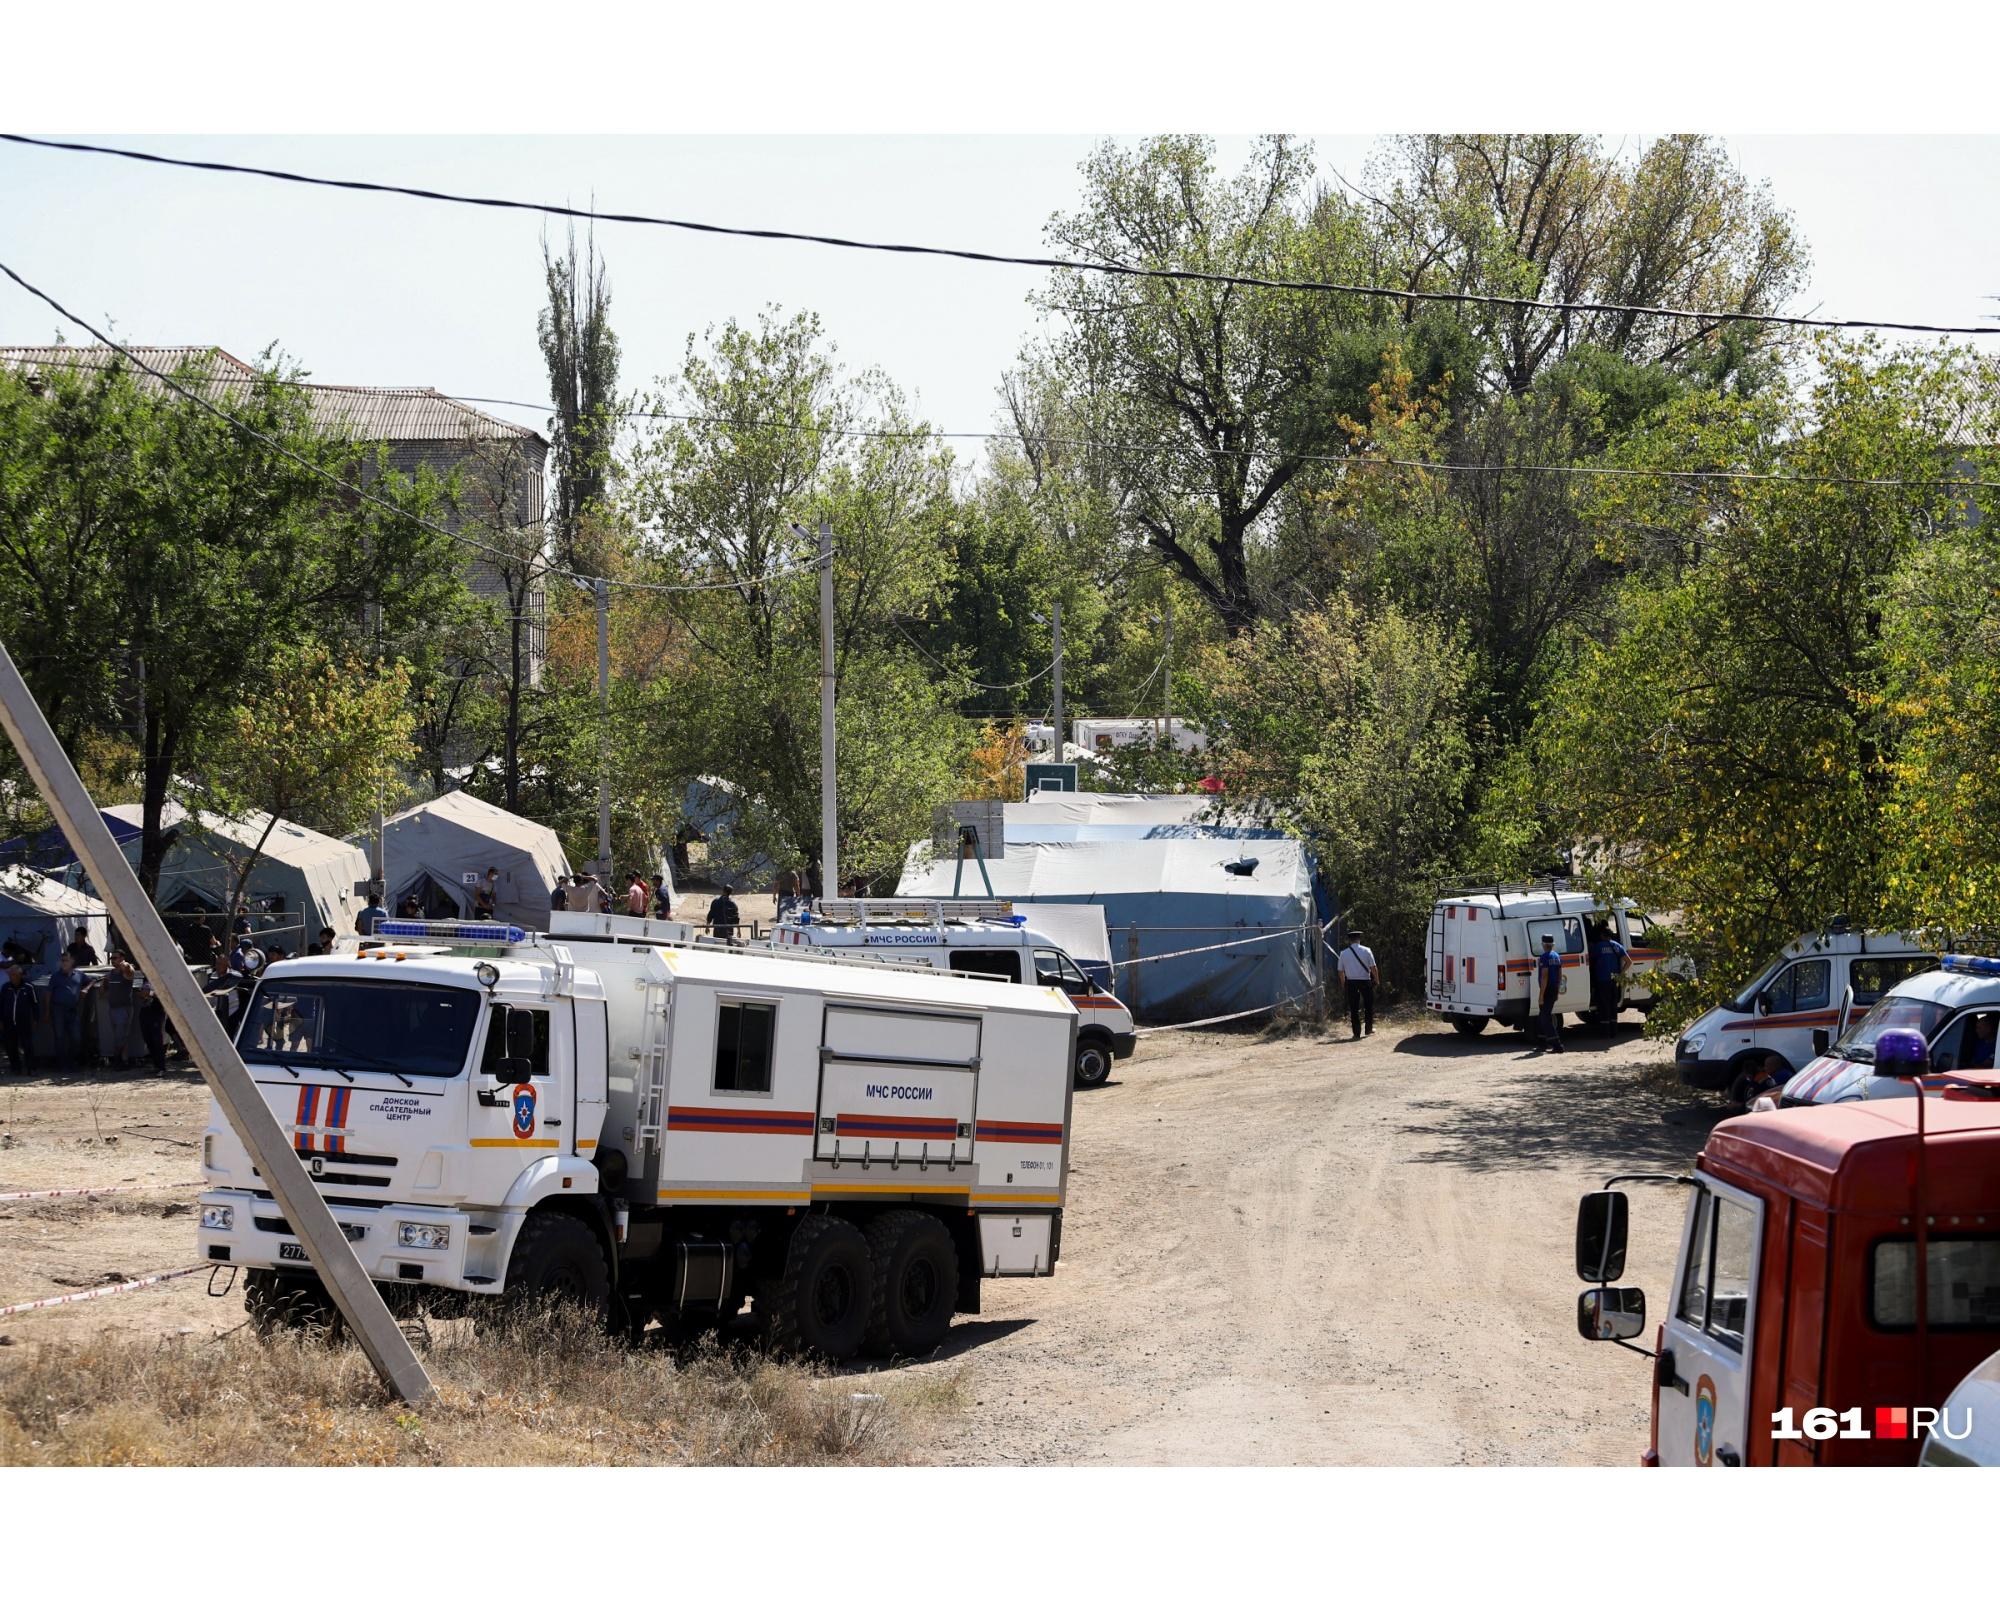 Жители стихийного лагеря жалуются на отсутствие денег